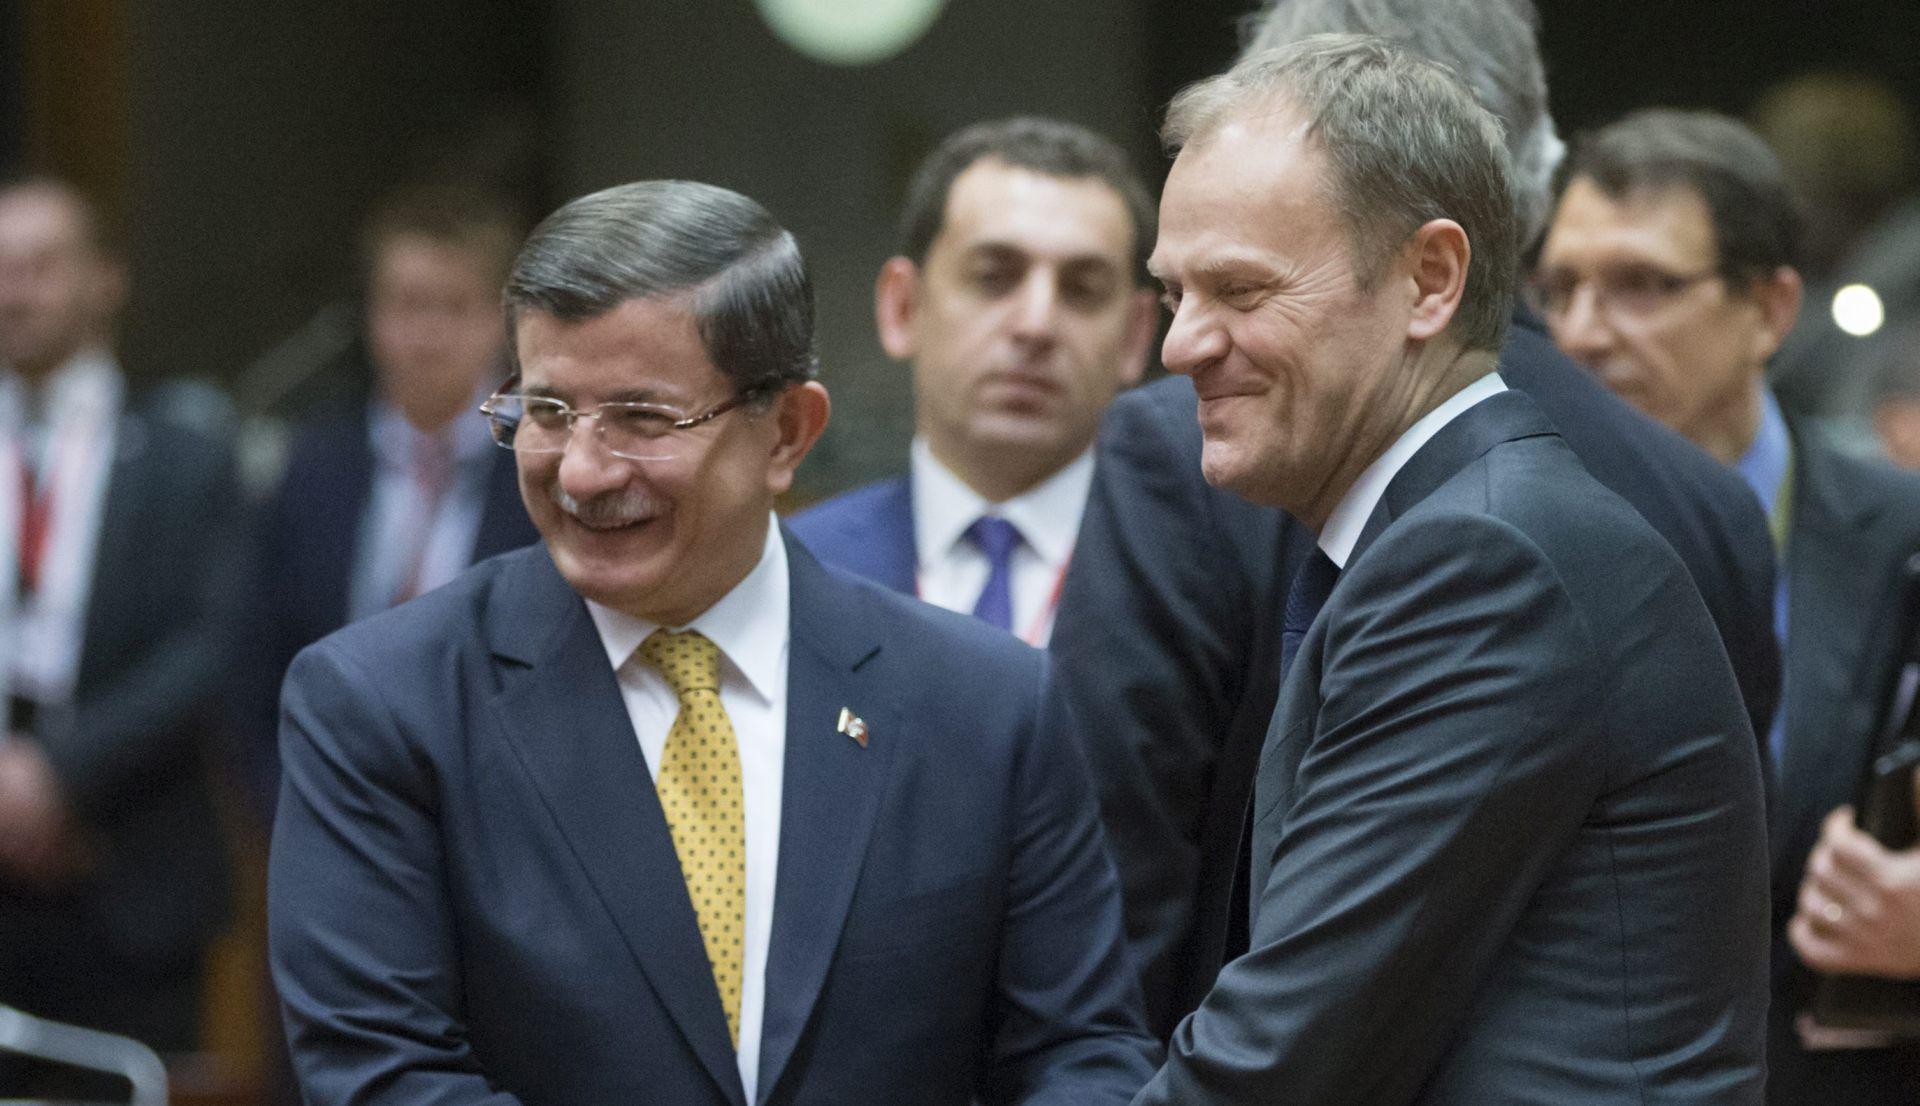 TUSK: Sporazum je jednoglasno prihvaćen, od nedjelje izbjeglice iz Grčke vraćaju se u Tursku